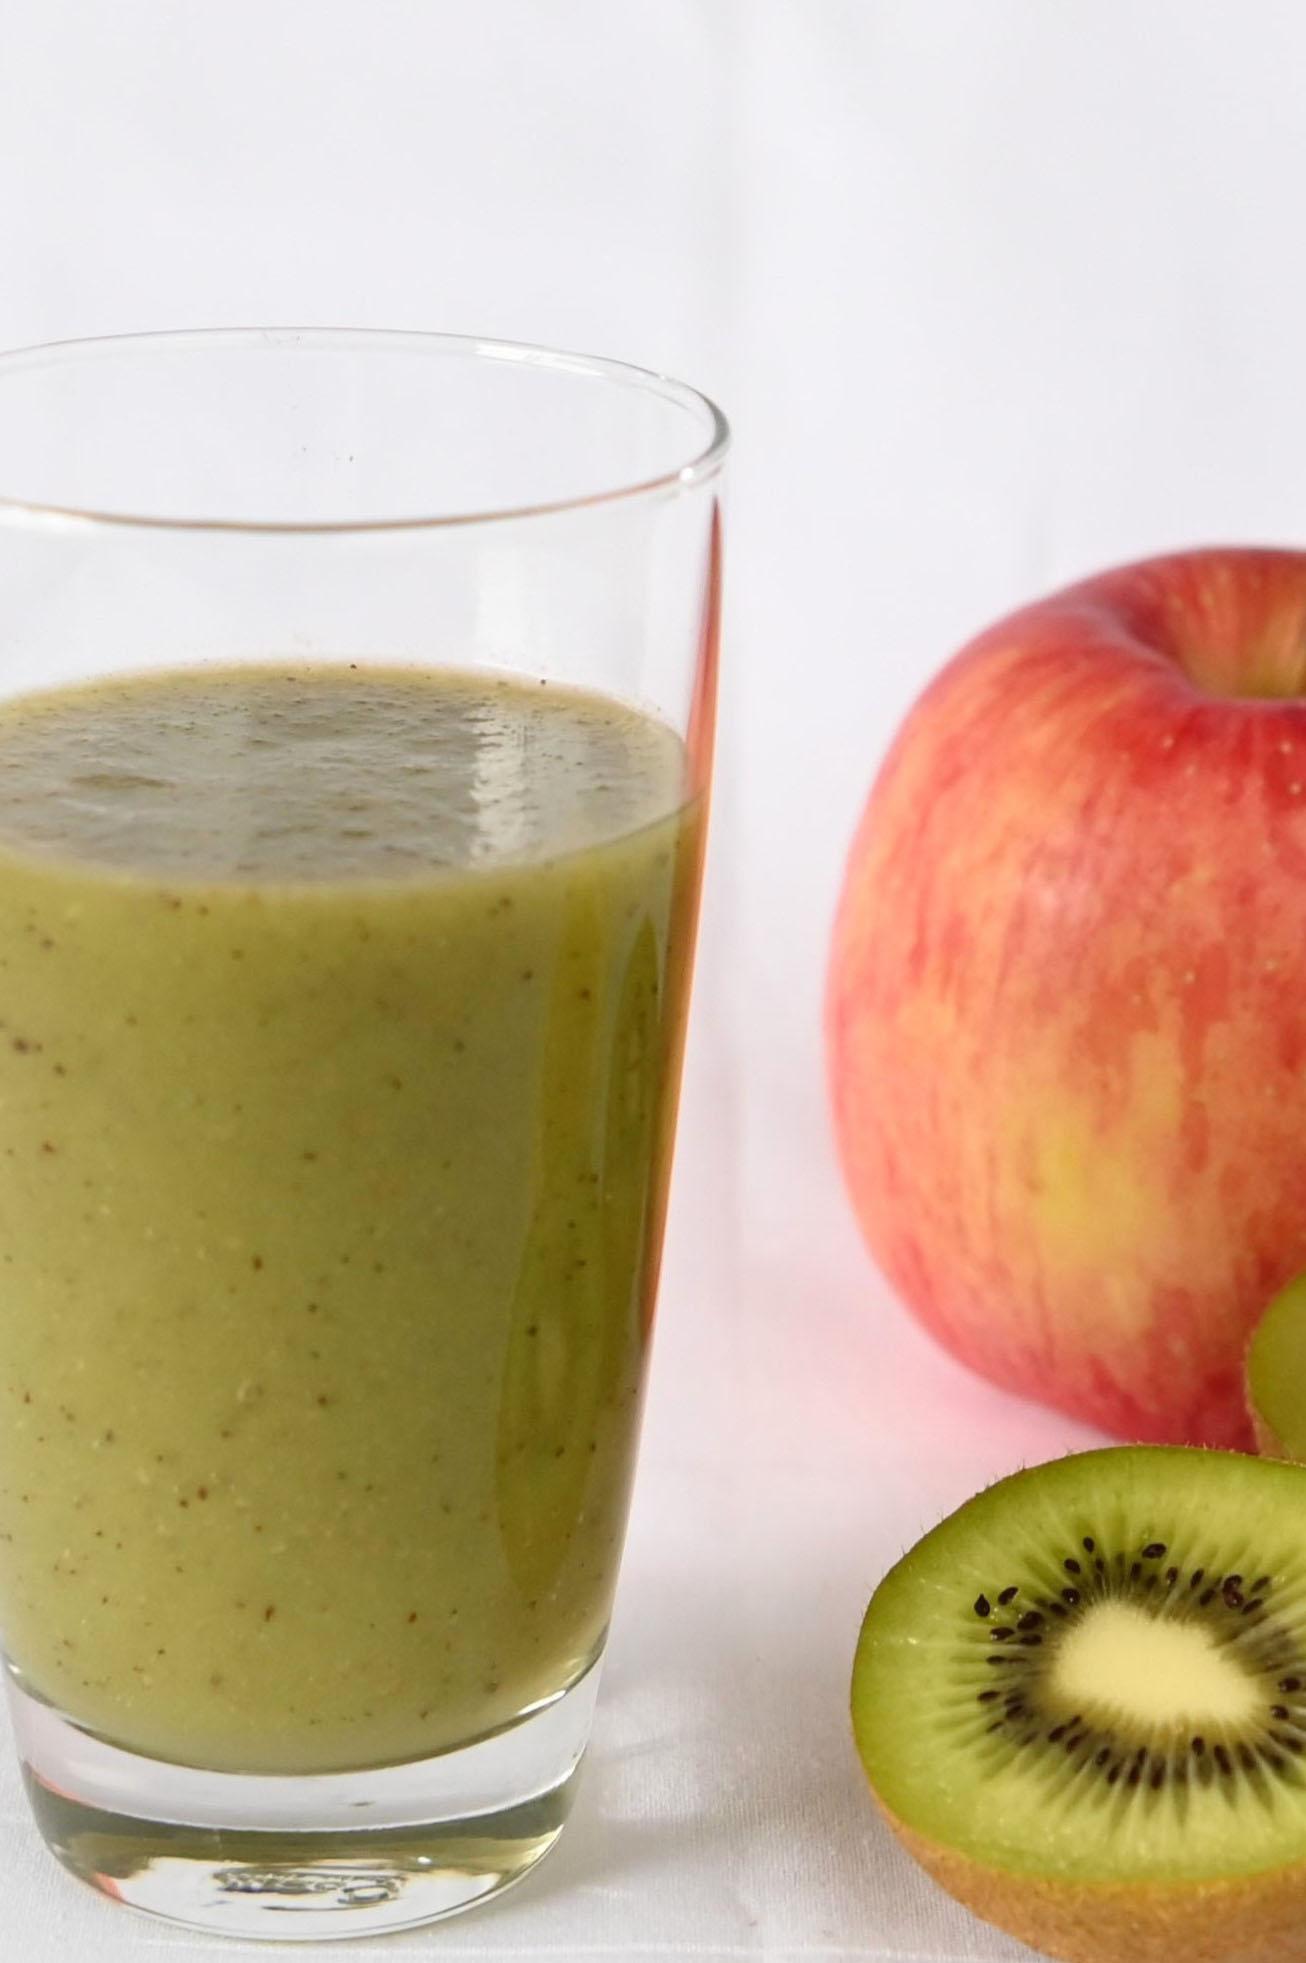 はとむぎ美人入り キウイとリンゴの美肌ジュース